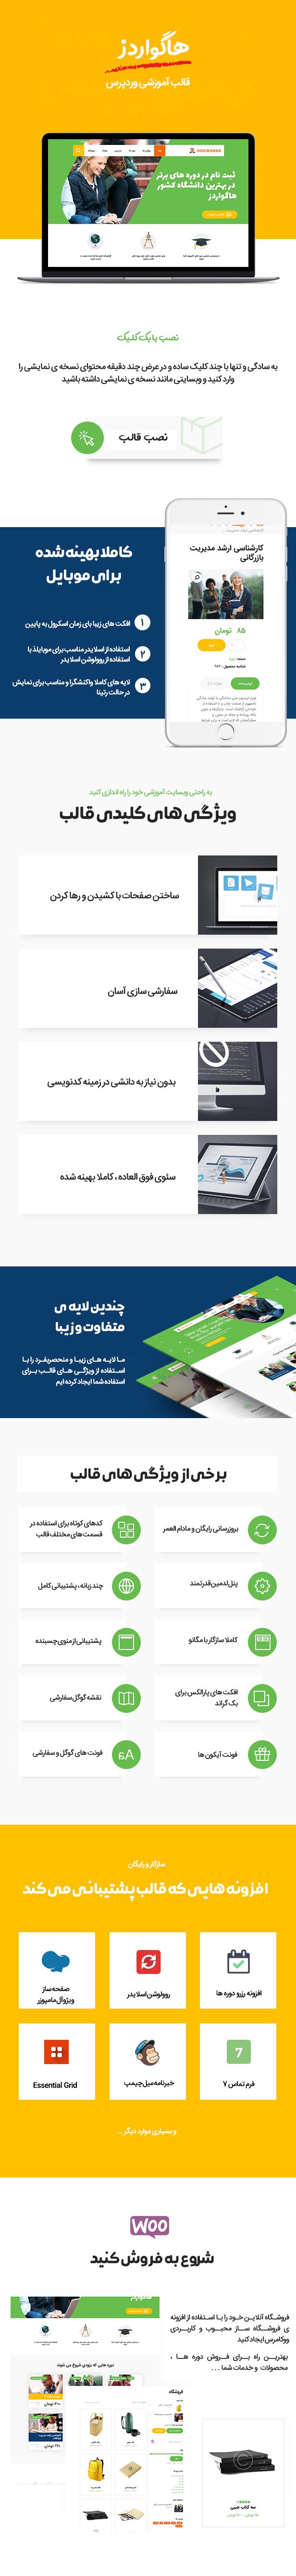 ویزگی های قالب سایت آموزشی هاگوارد